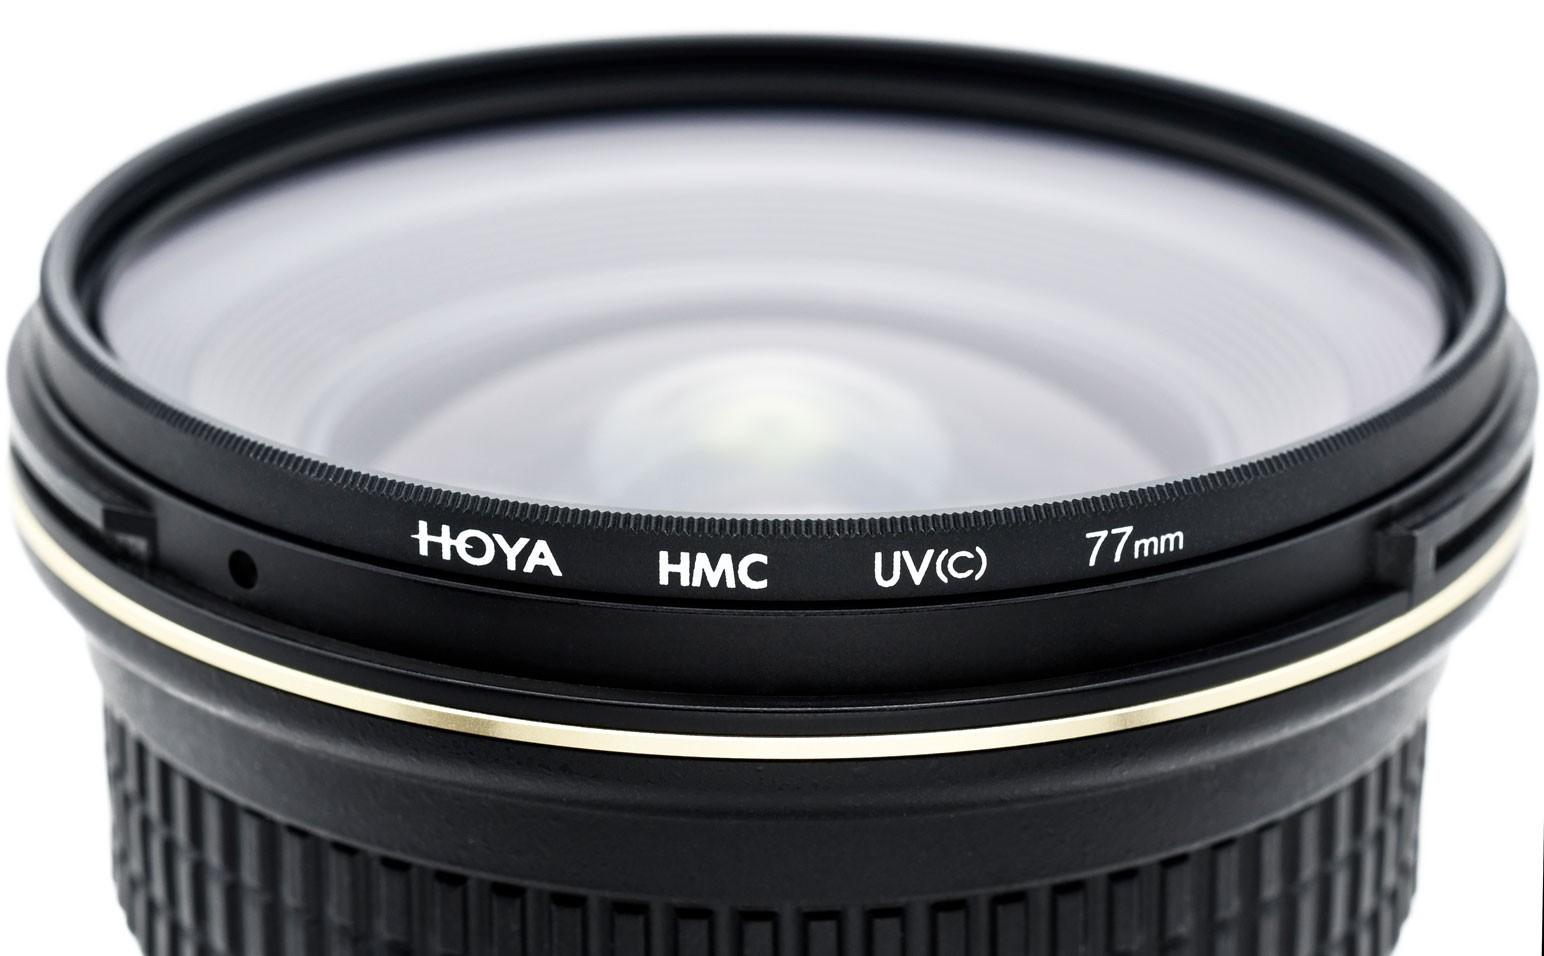 Hoya Uvc Uv Pro 1 Digital Filter 58mm